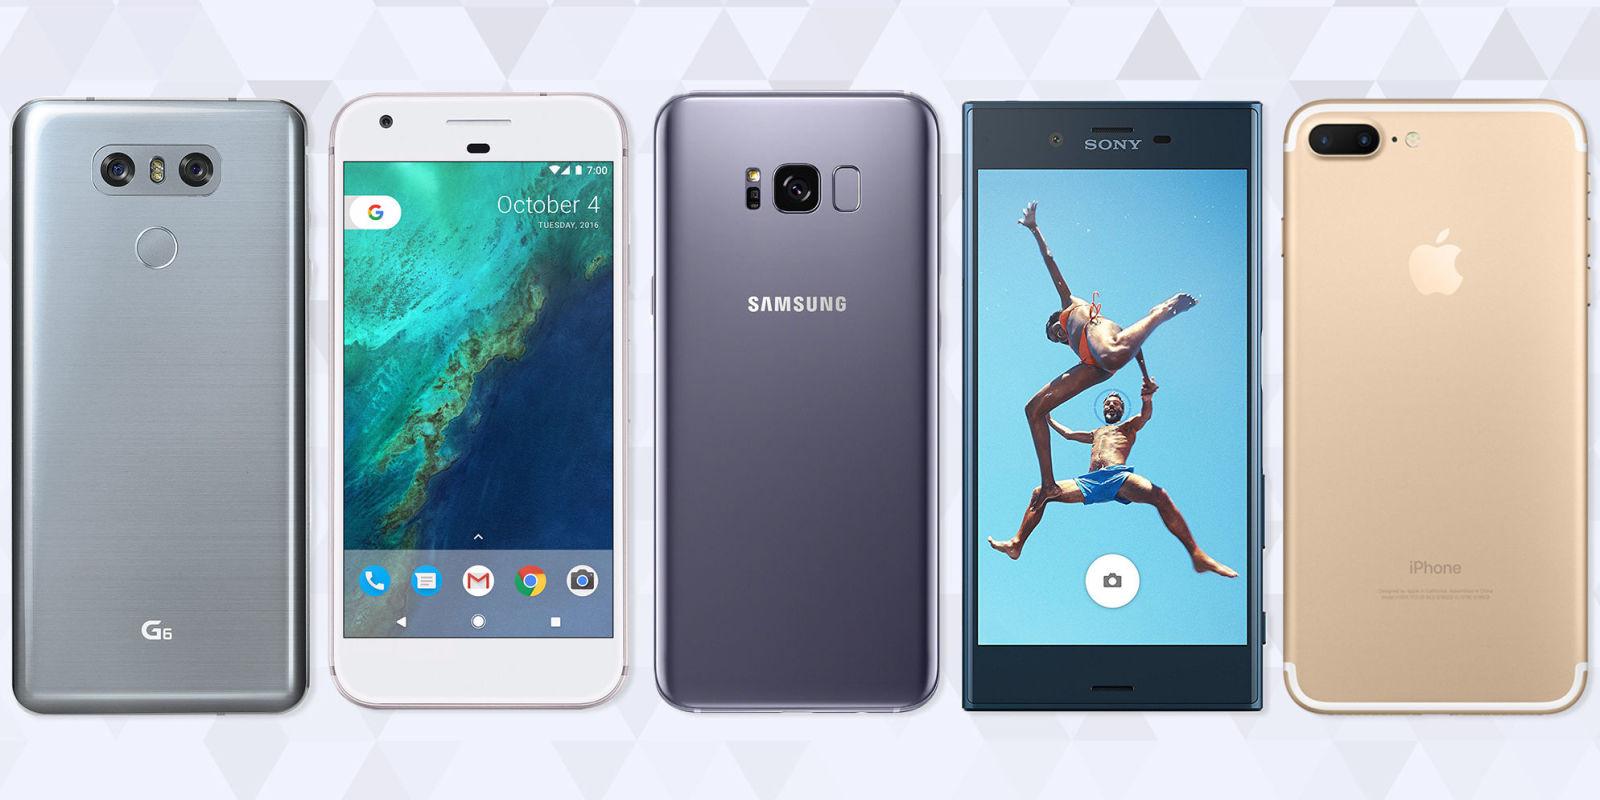 16 Best Smartphones in 2017 - Top Mobile Phones for iOS ...